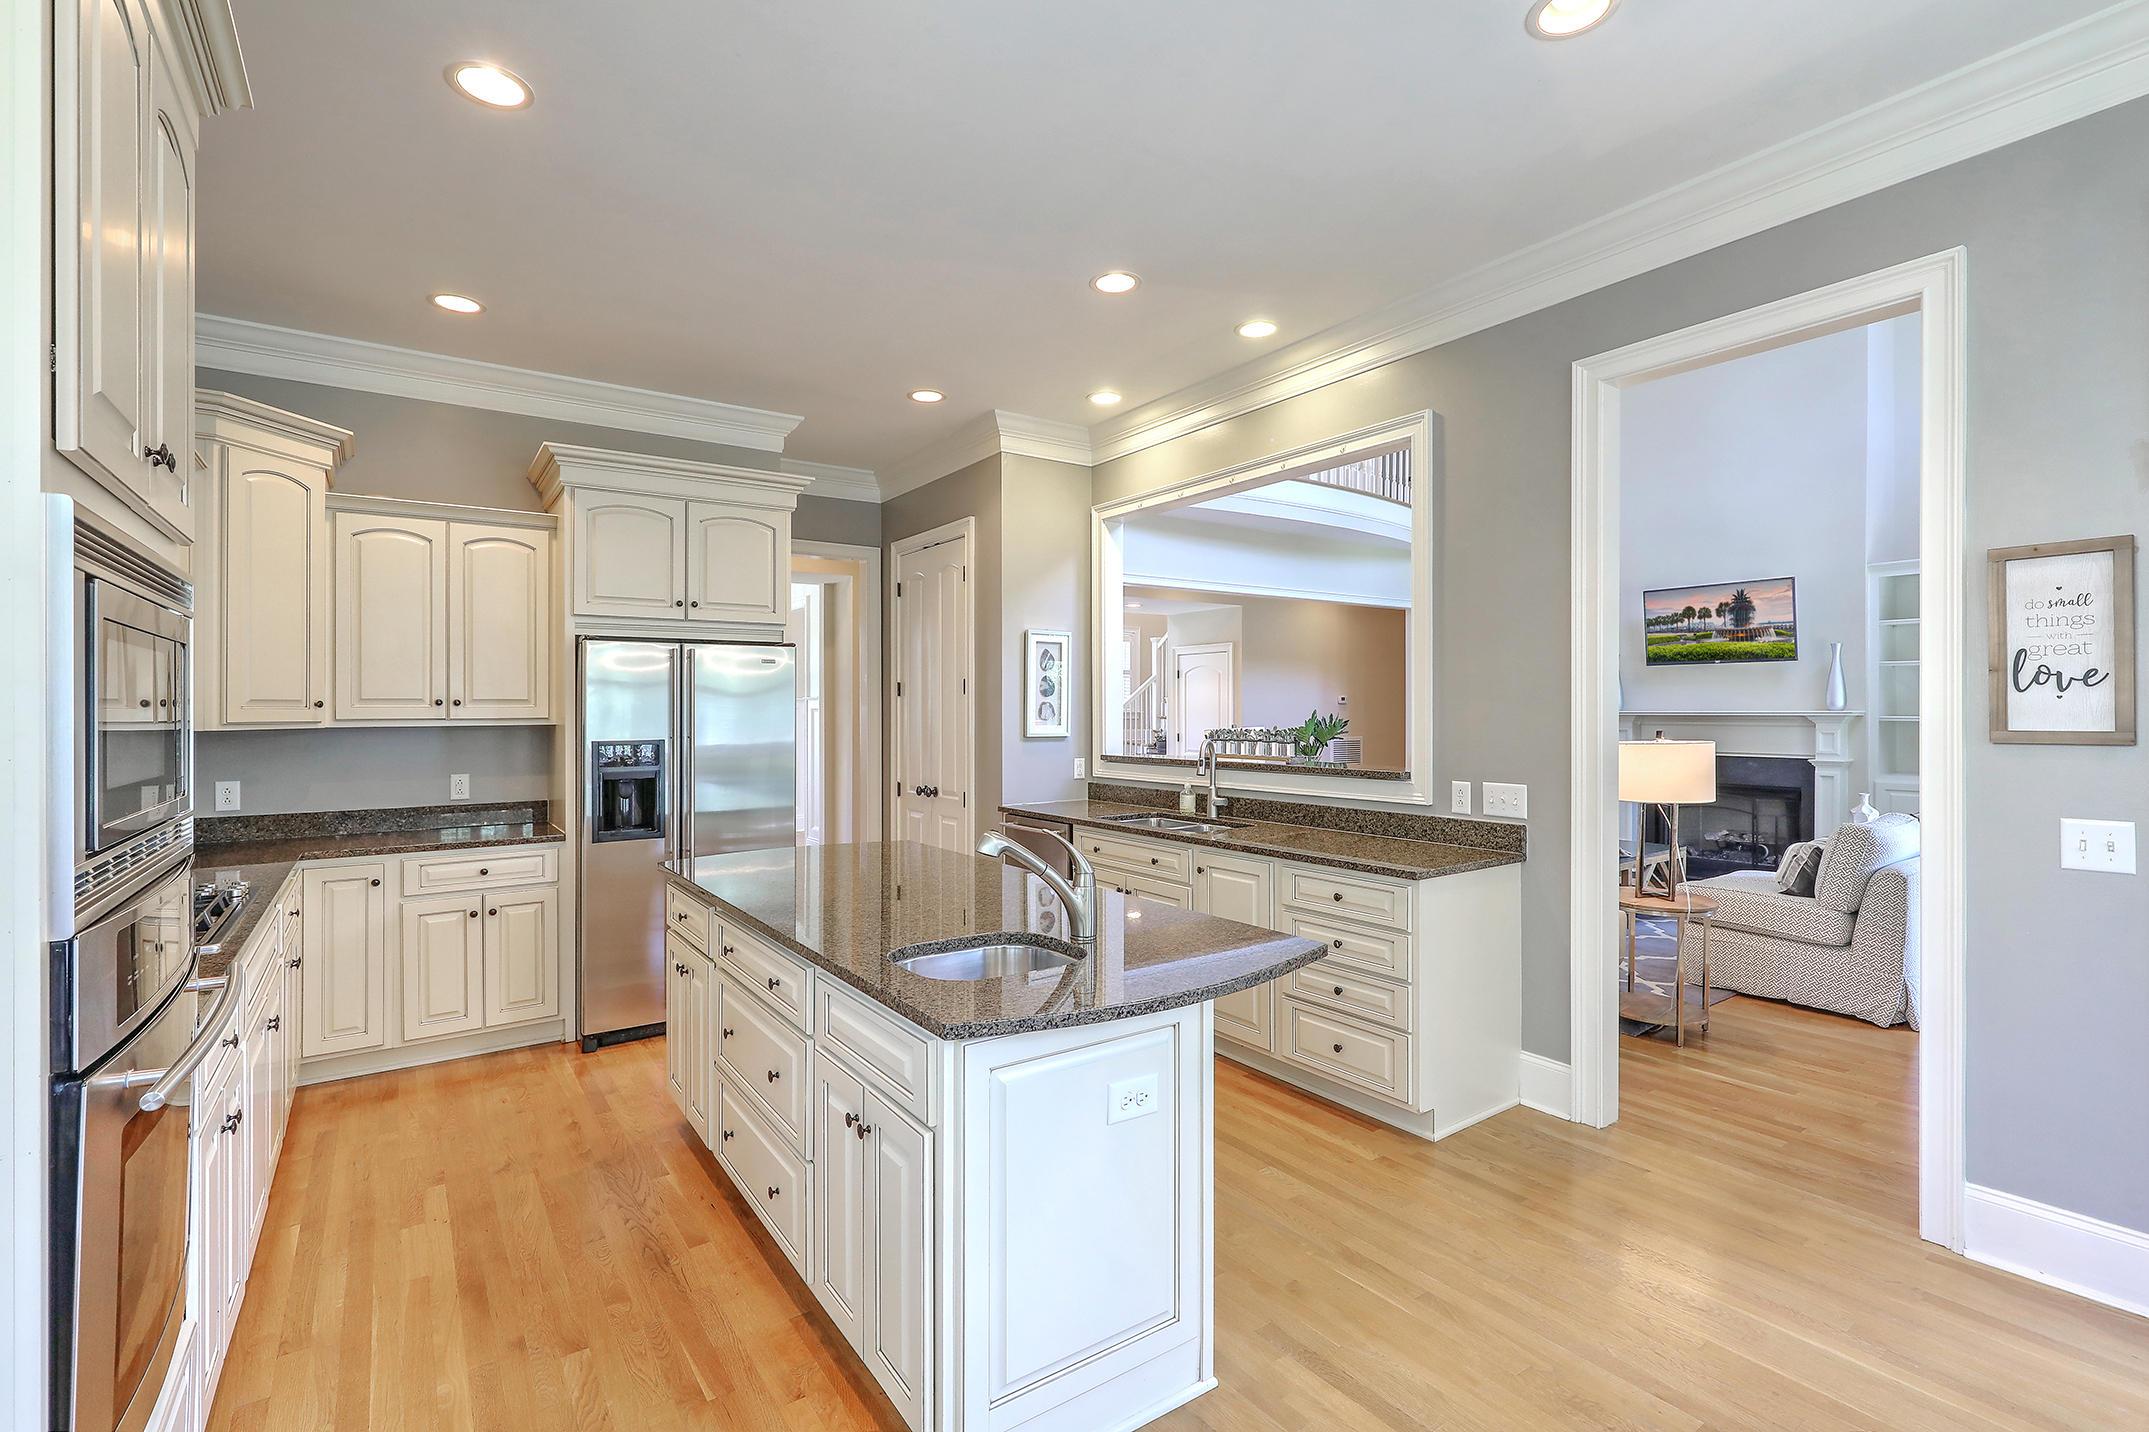 Park West Homes For Sale - 2109 Beckenham, Mount Pleasant, SC - 9